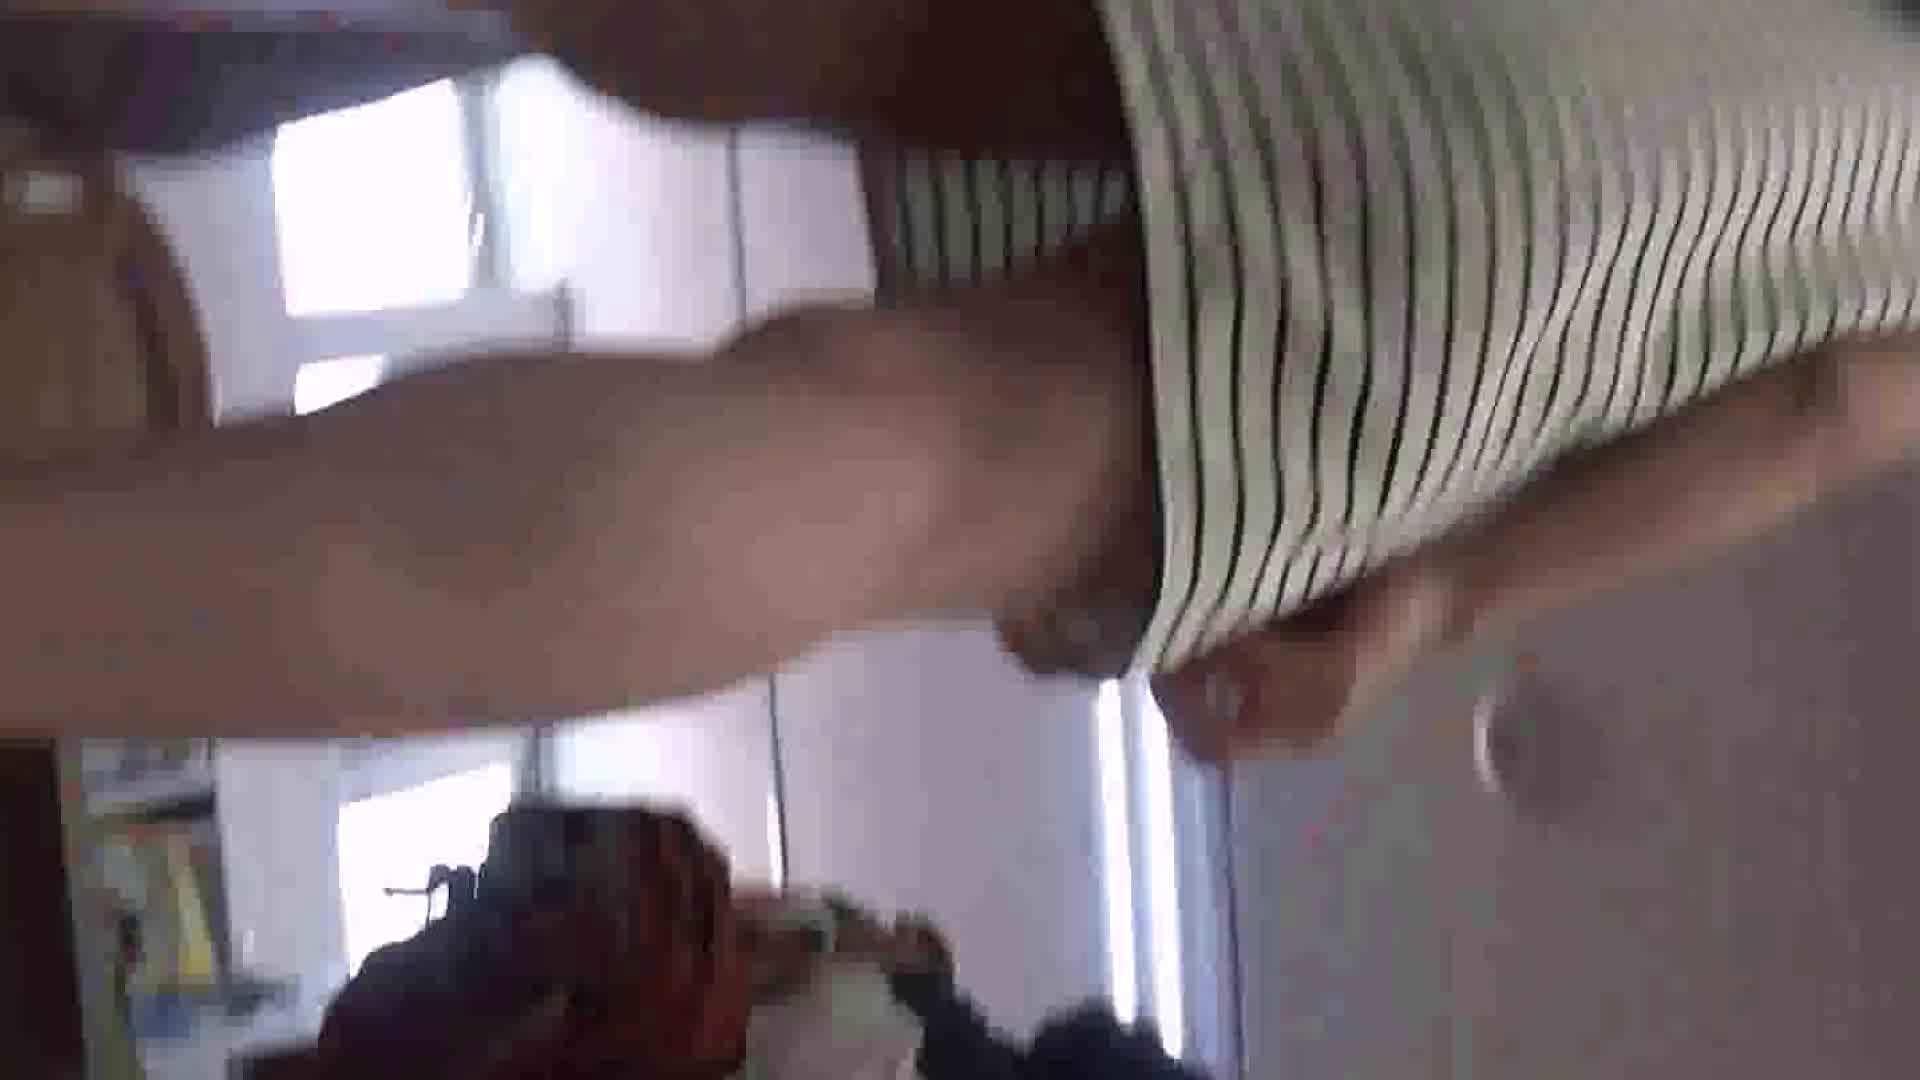 真剣に買い物中のgal達を上から下から狙います。vol.01 チラ系 | JK  79pic 43